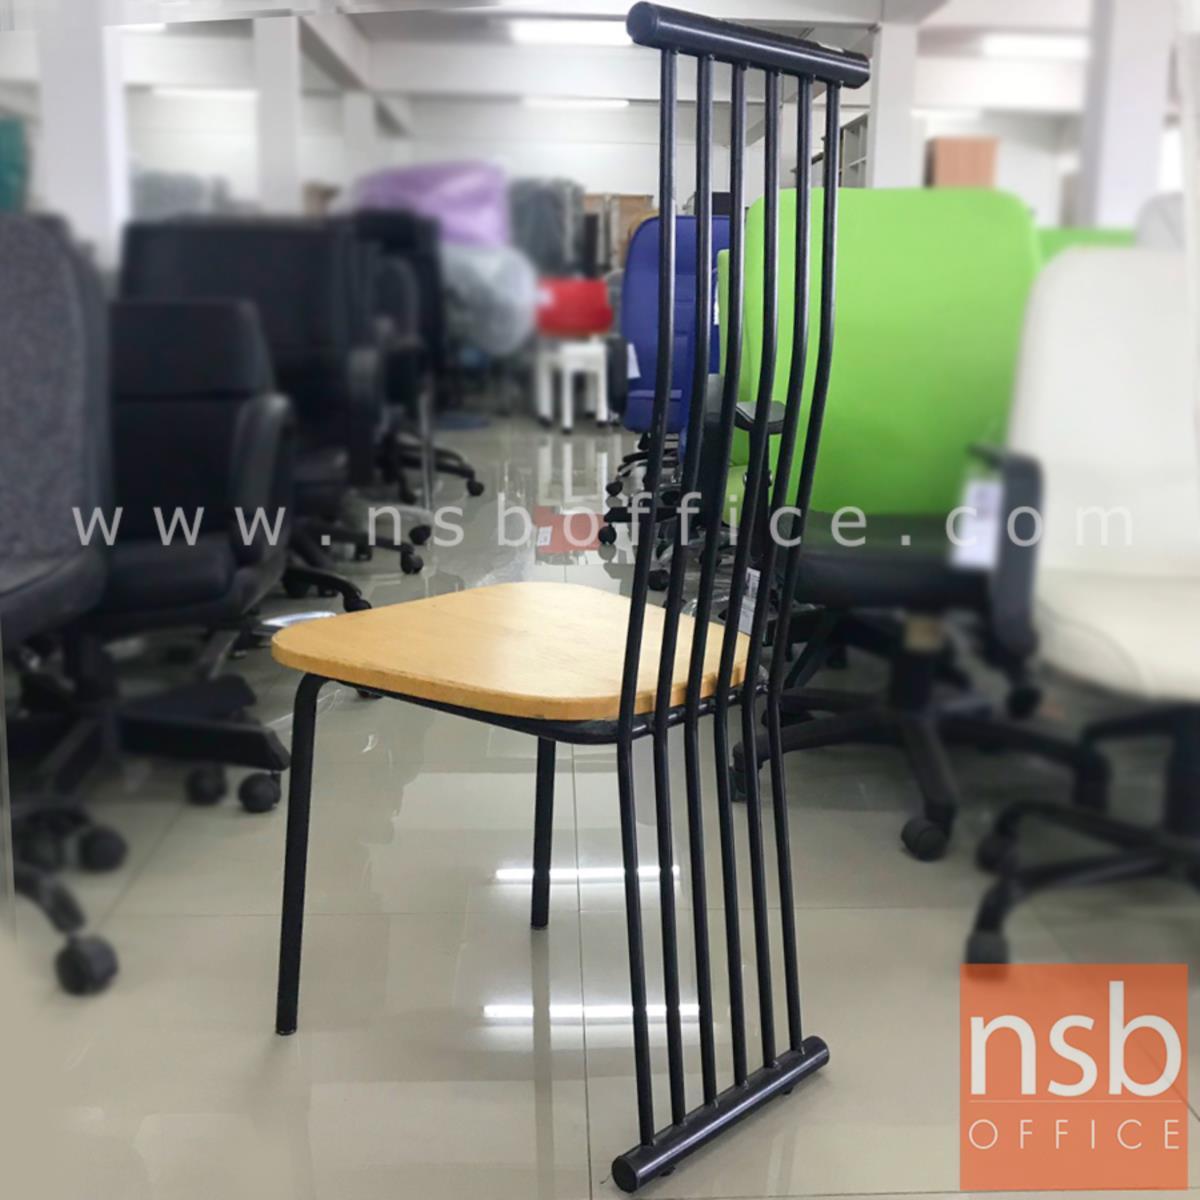 เก้าอี้ไม้ รุ่น NSB-CHAIR4 ขนาด 42W*101H cm. โครงเหล็กพ่นดำ (STOCK-1 ตัว)